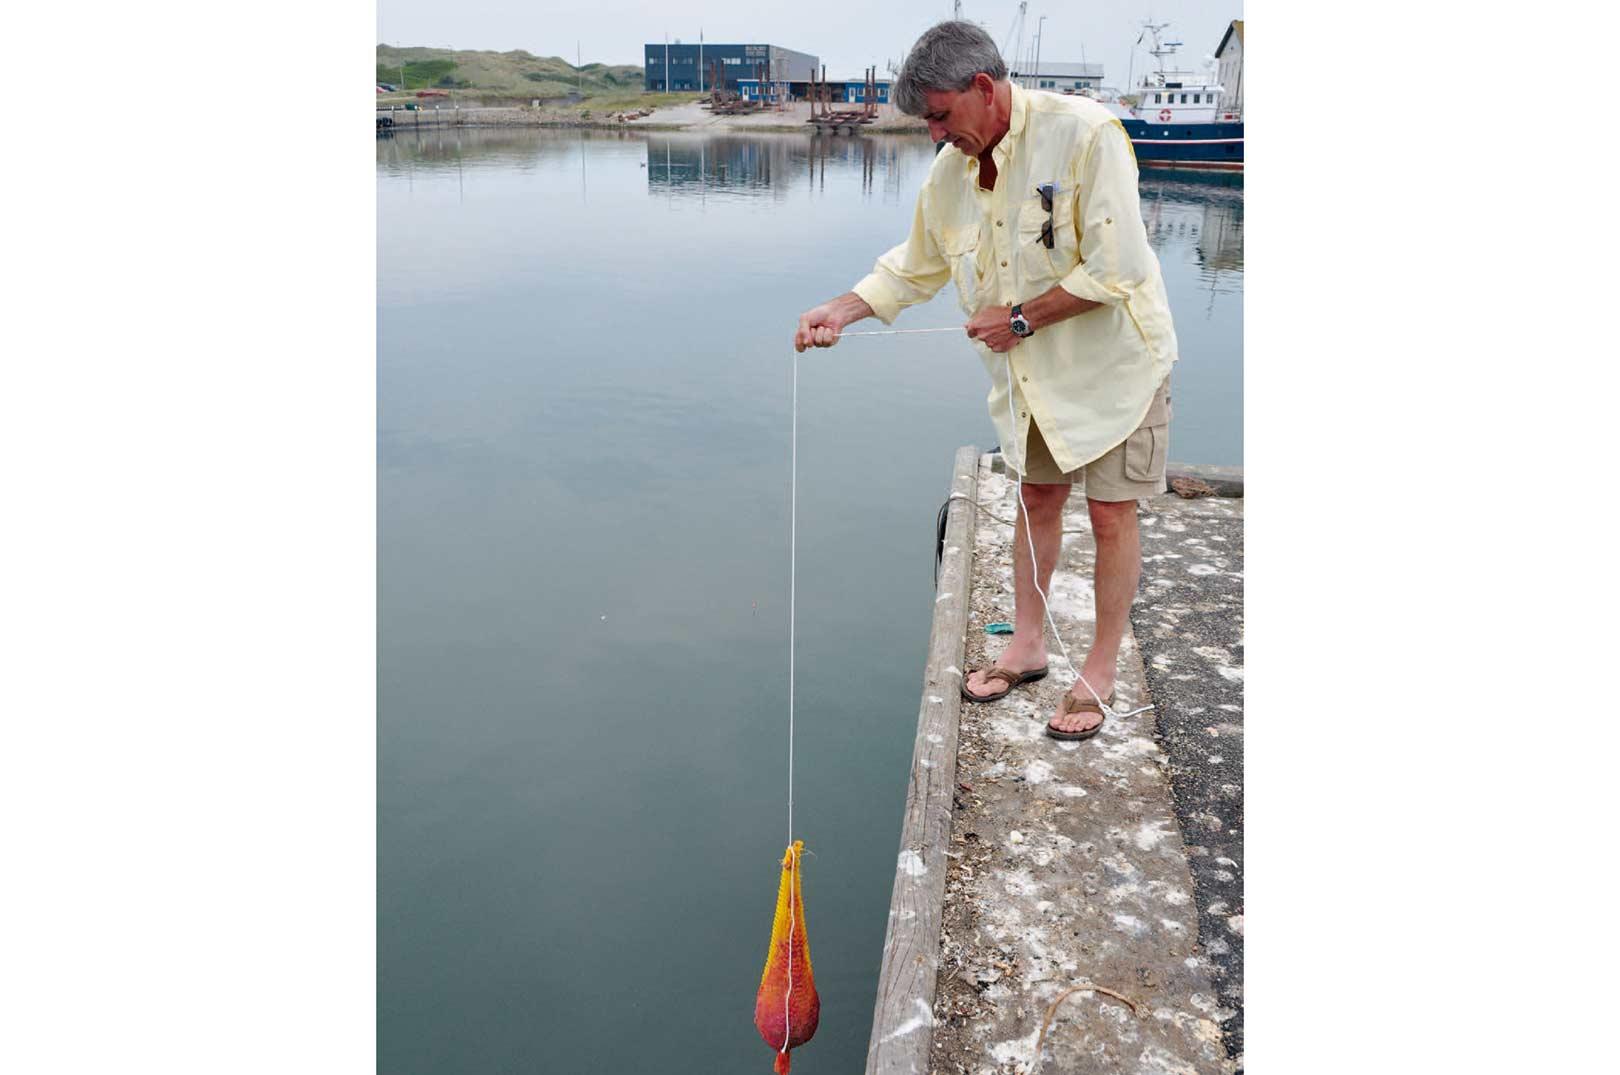 Den særprægede lokkeblanding kommes i en netpose og sænkes ned i vandet. Her i aktion på Hvide Sande Havn for at lokke multerne til.